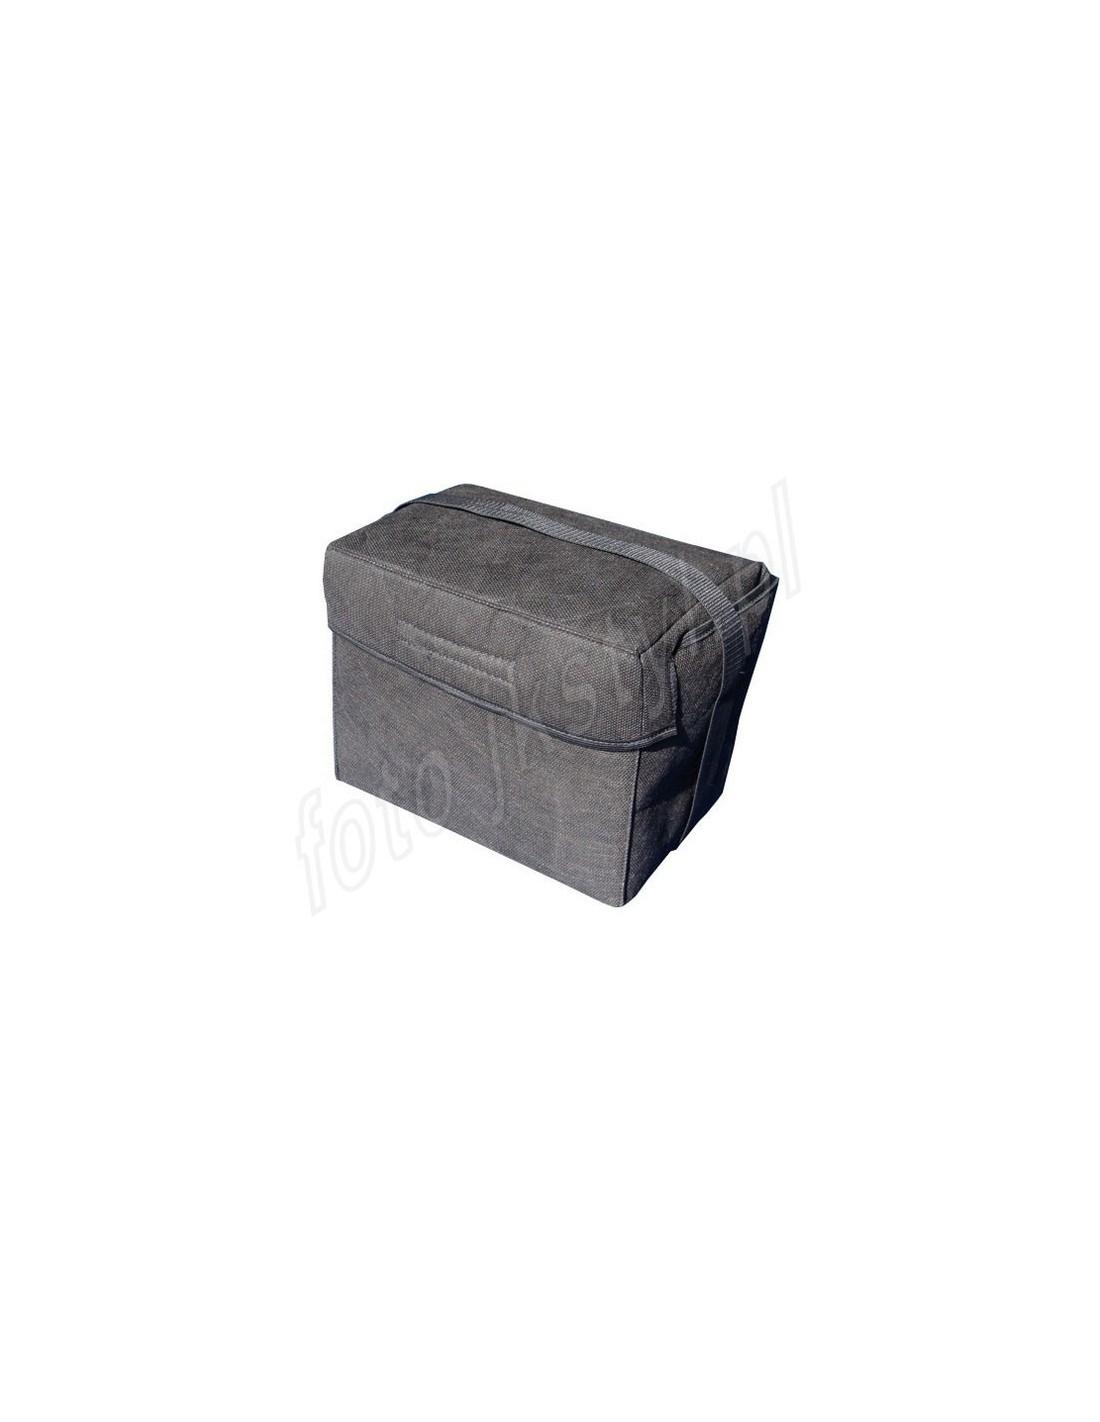 Wspaniały Pokrowiec Na Akumulator Rozmiar C (Wym. 29X20X18Cm.) - Jk Styl JJ61